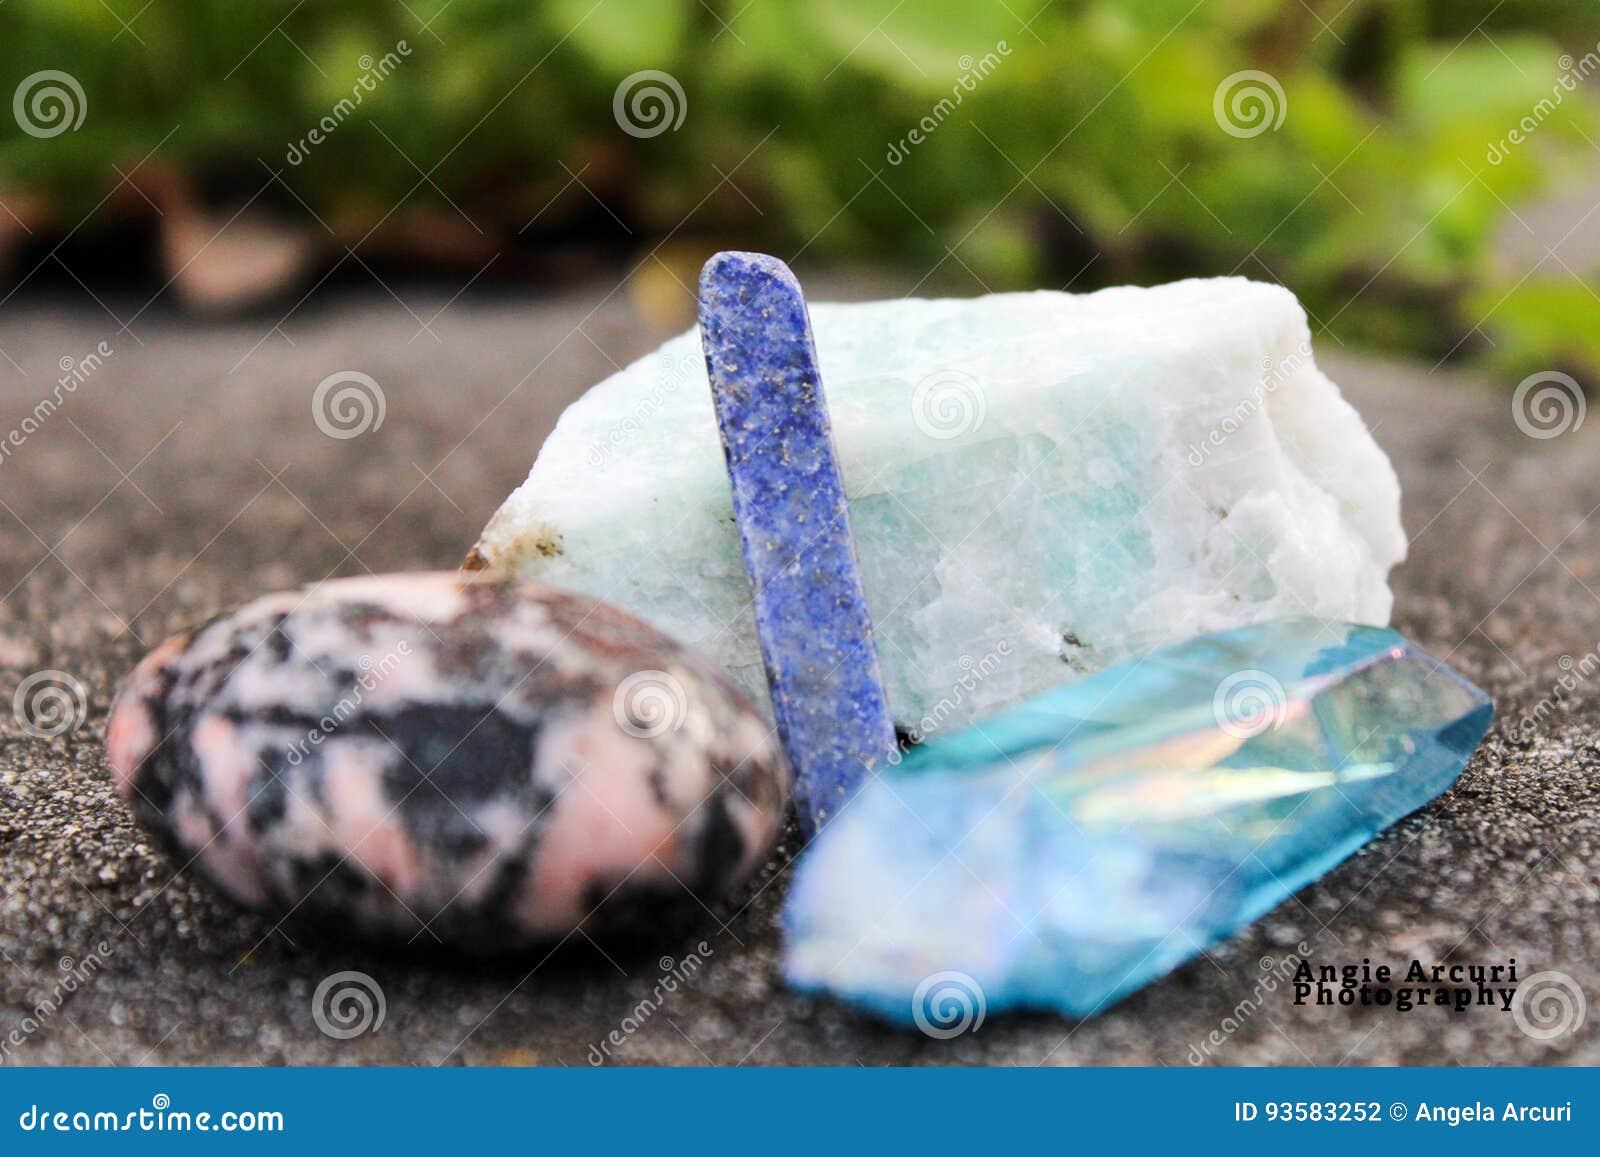 Заживление камни и кристаллы в природе